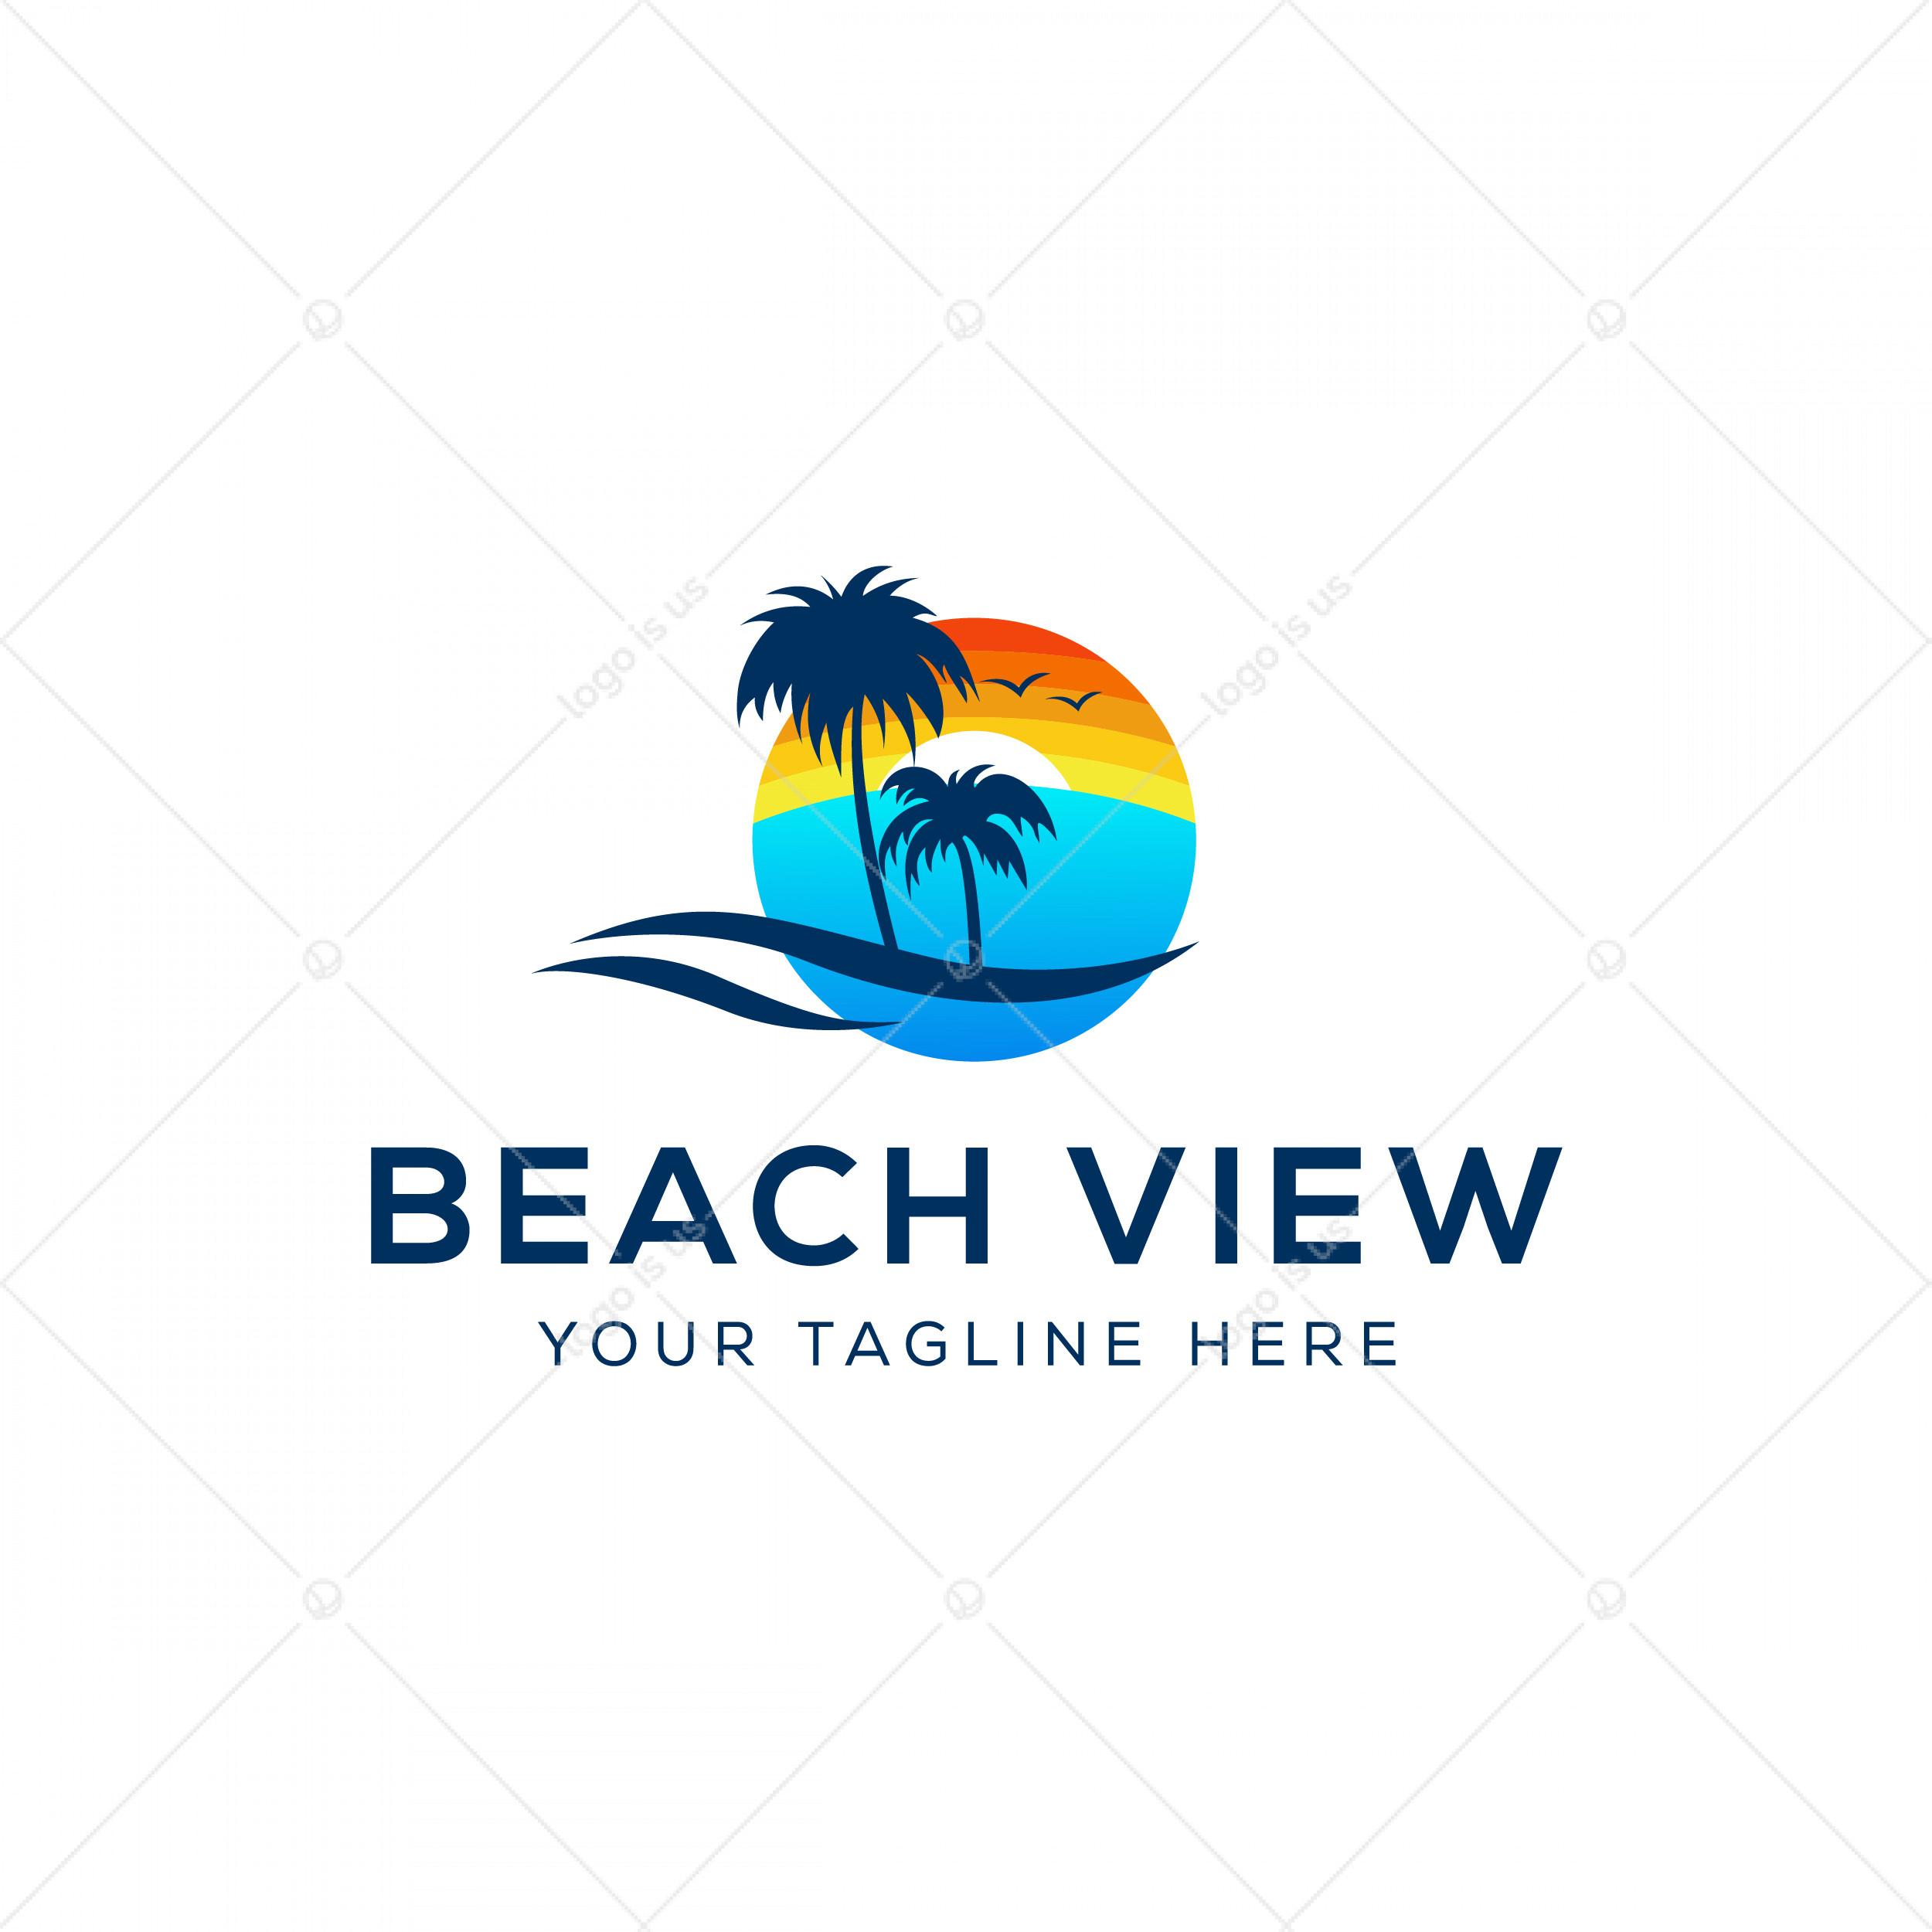 Beach View Logo